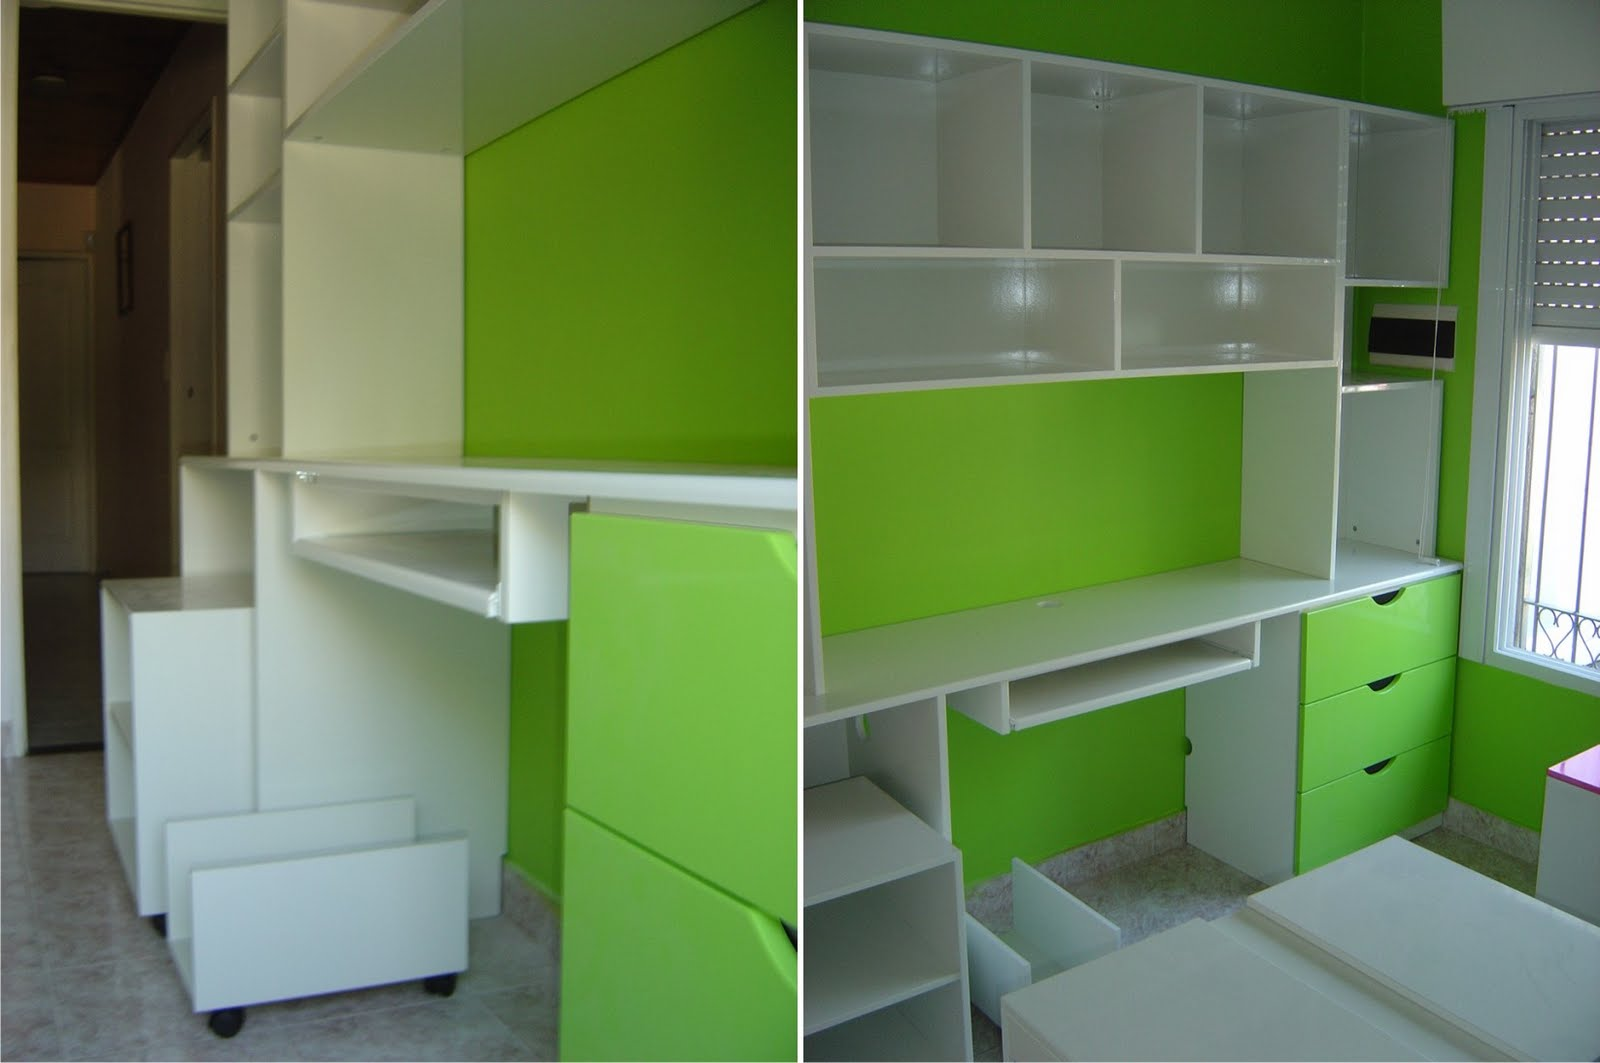 Dorable Muebles De Cocina Verde Manzana Imagen - Ideas de Decoración ...